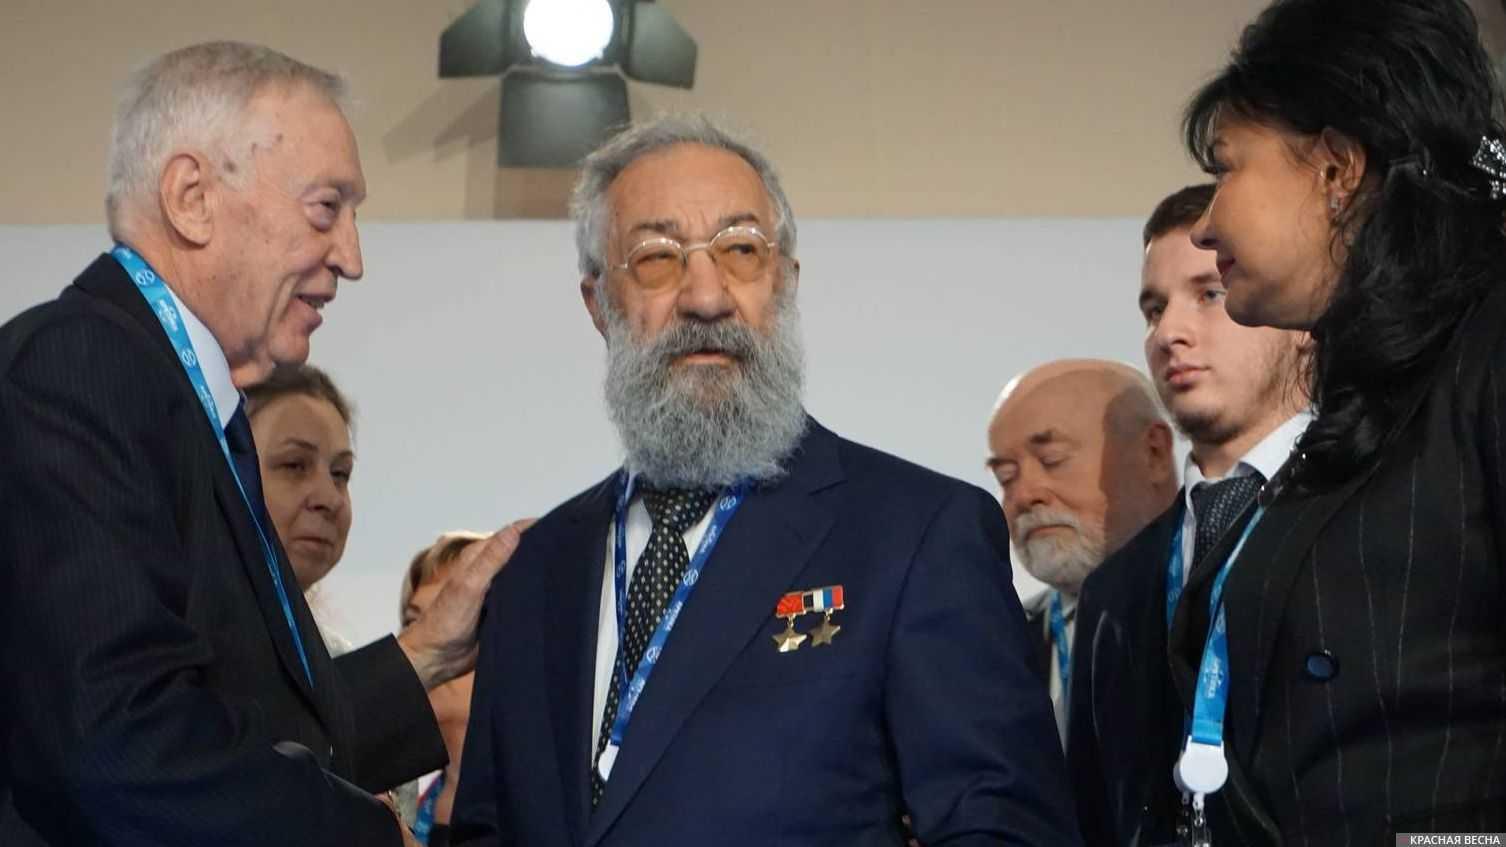 Артур Чилингаров. Санкт-Петербург. 05.12.2018